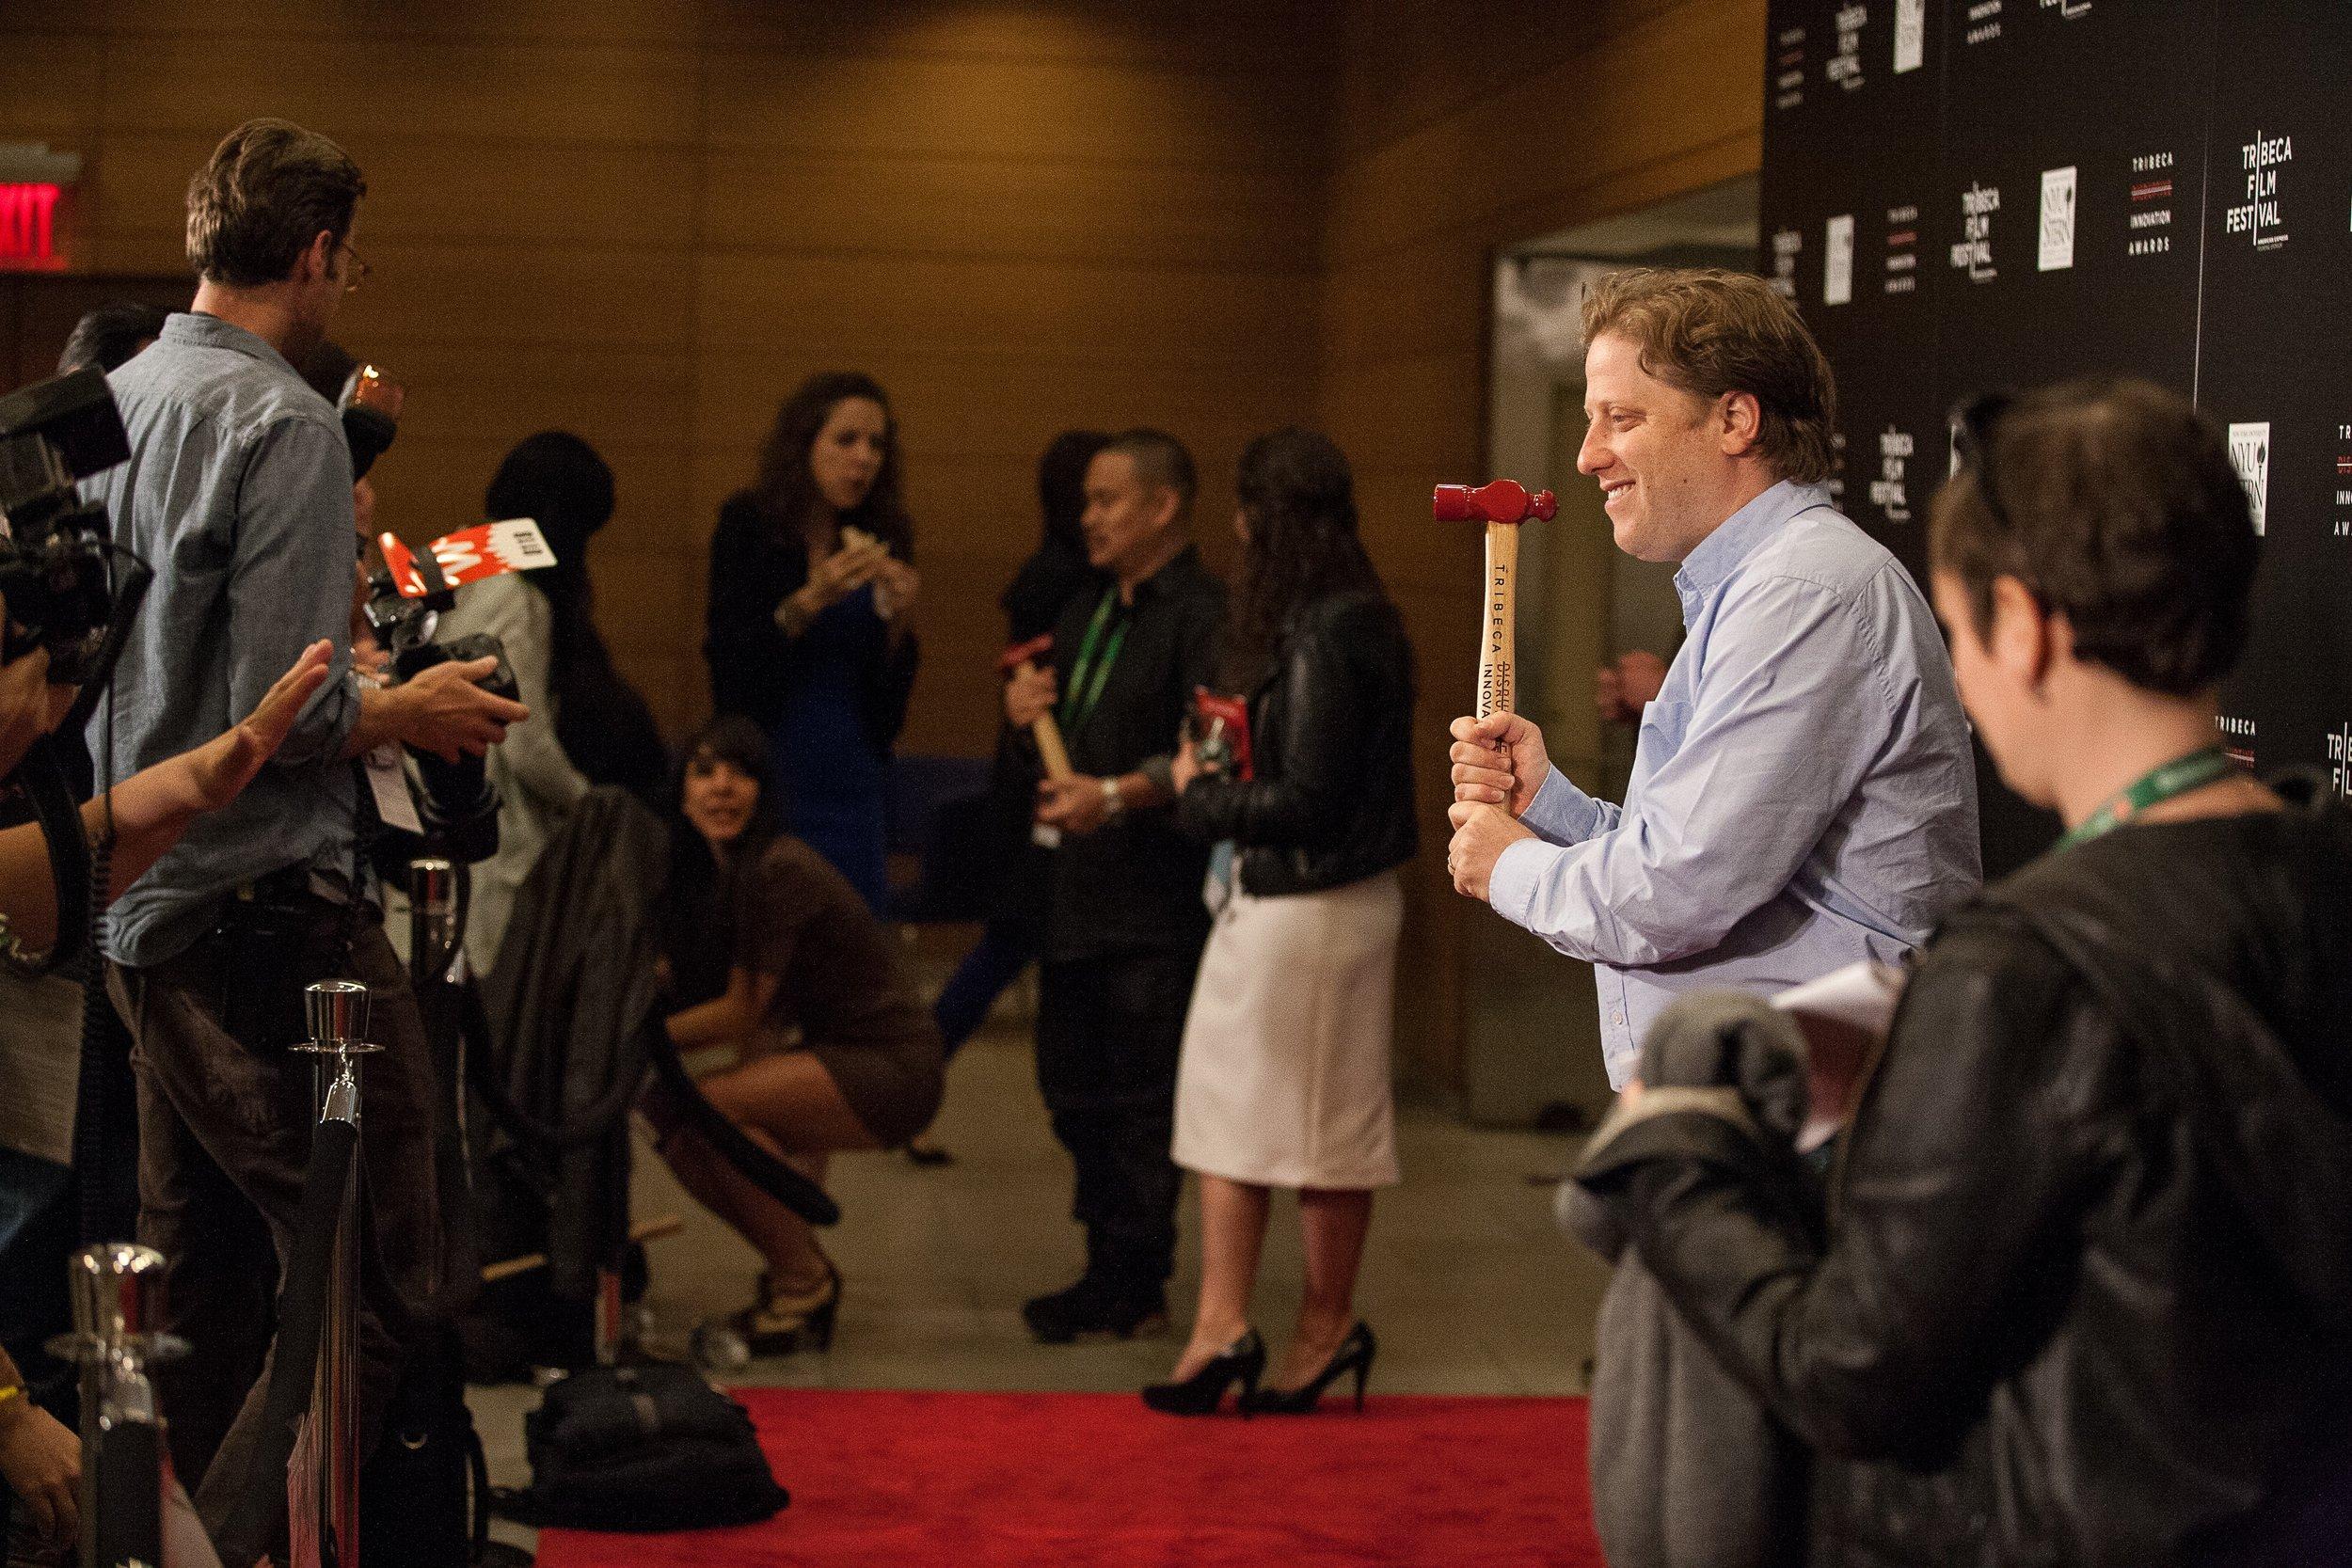 Tribeca Disruptive Innovation Awards 2013 - 201.jpg